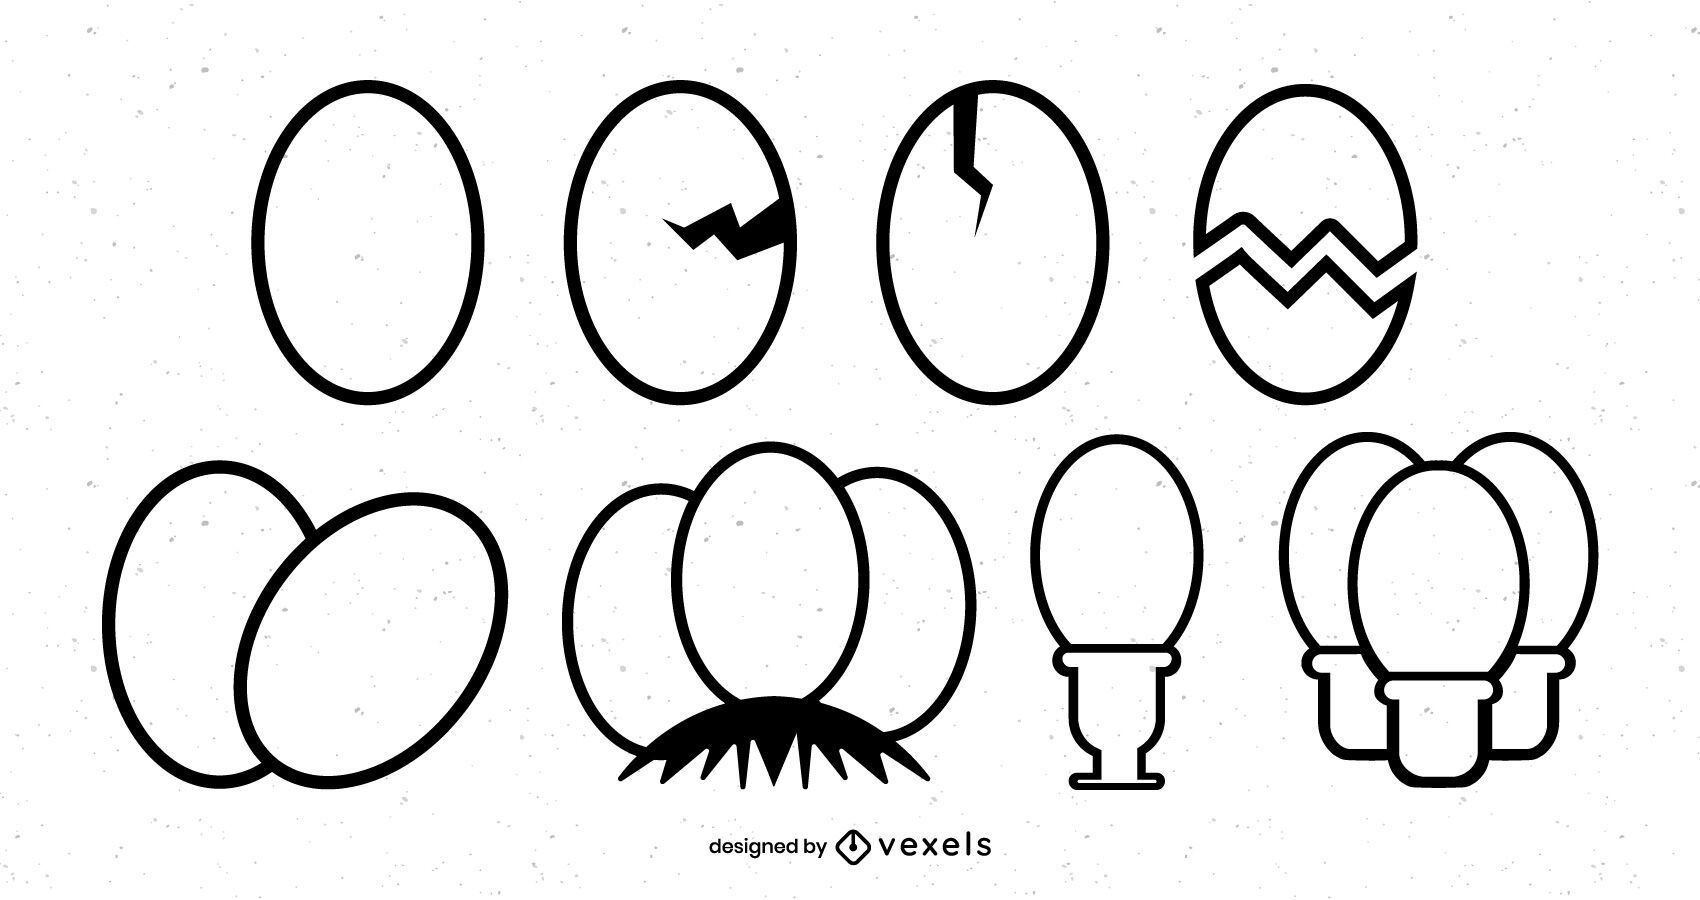 Conjunto de ícones de derrame de ovo cozido